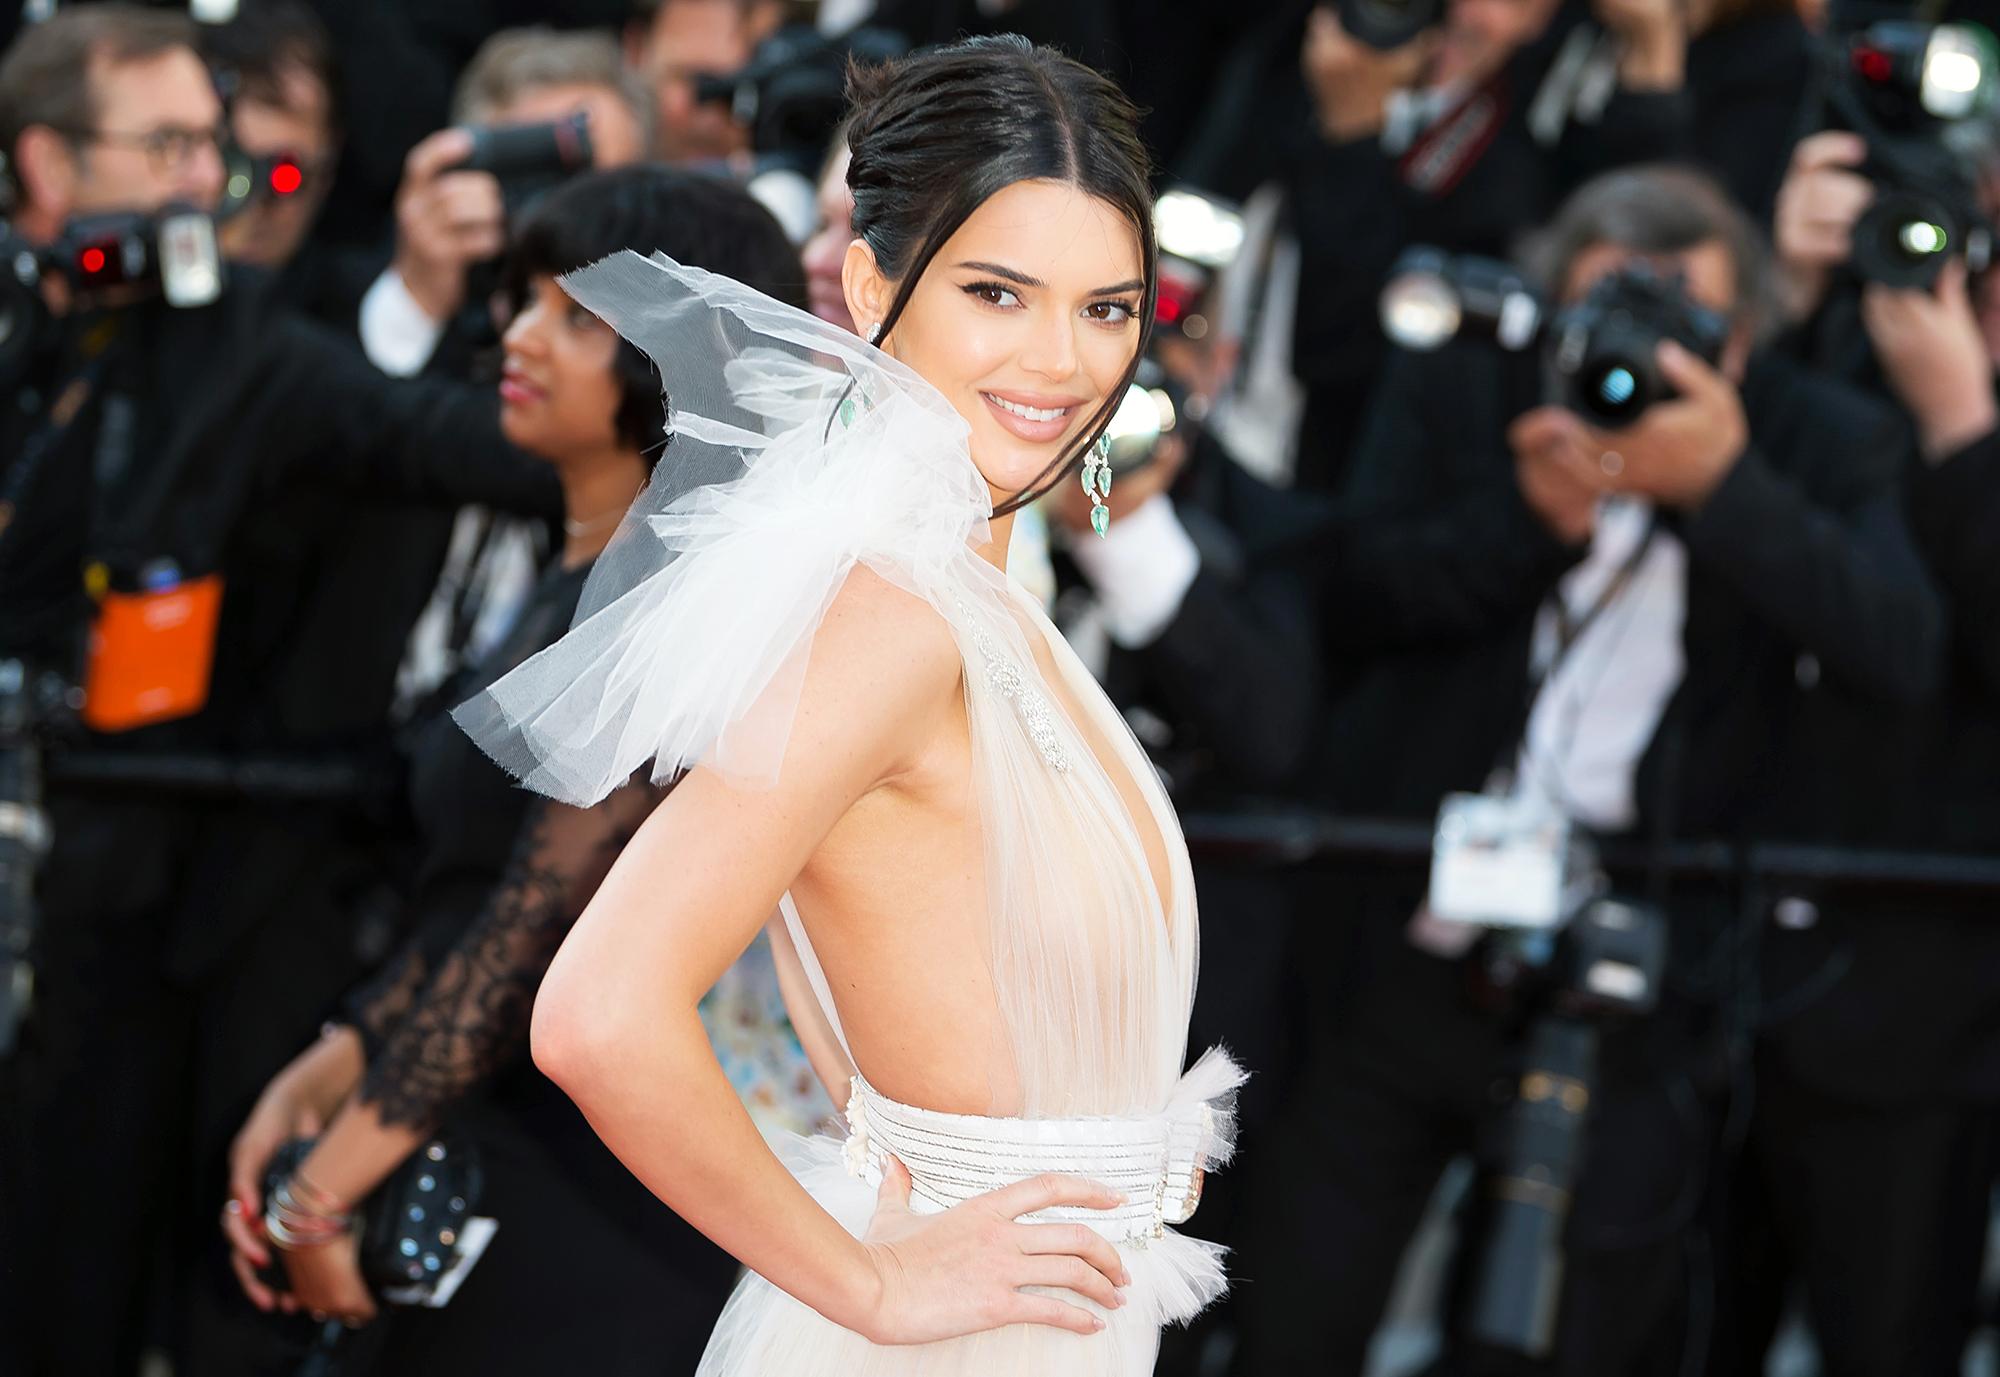 Kendall Jenner Fun Dating Life Ben Simmons